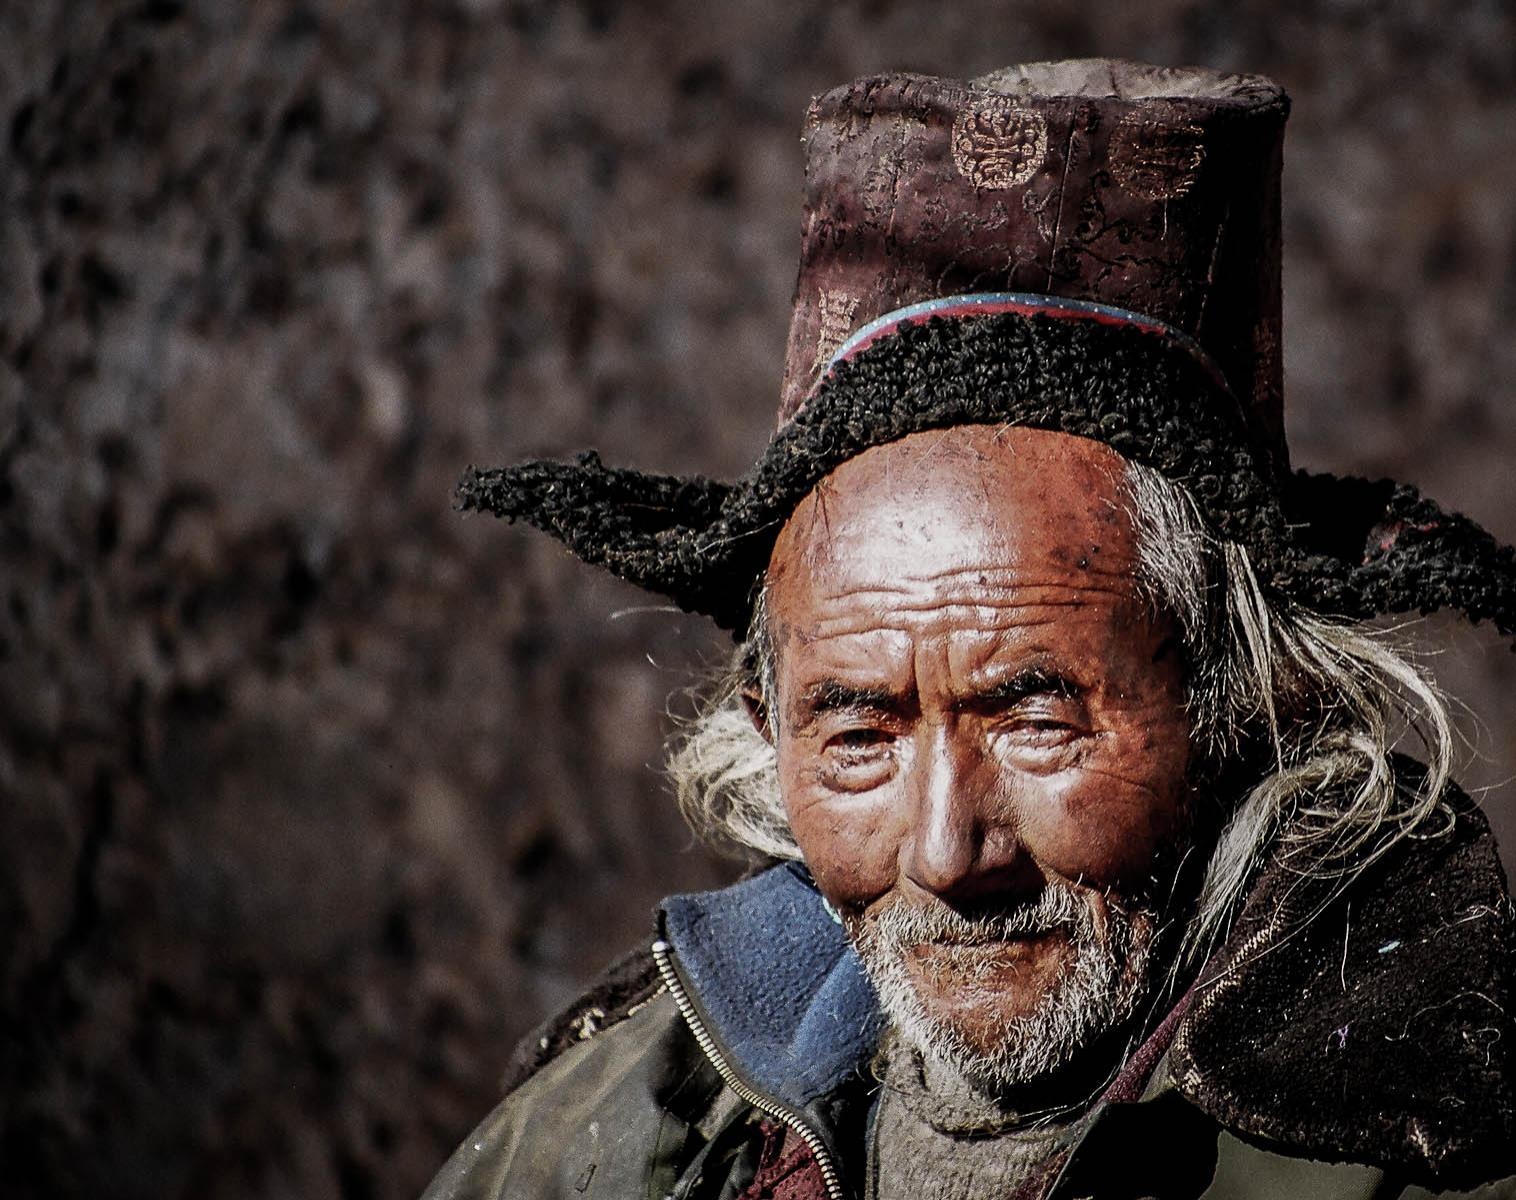 Inde  Losar, le Nouvel An Tibétain au Ladakh   Découverte Raquettes Rencontres et cultures du Monde